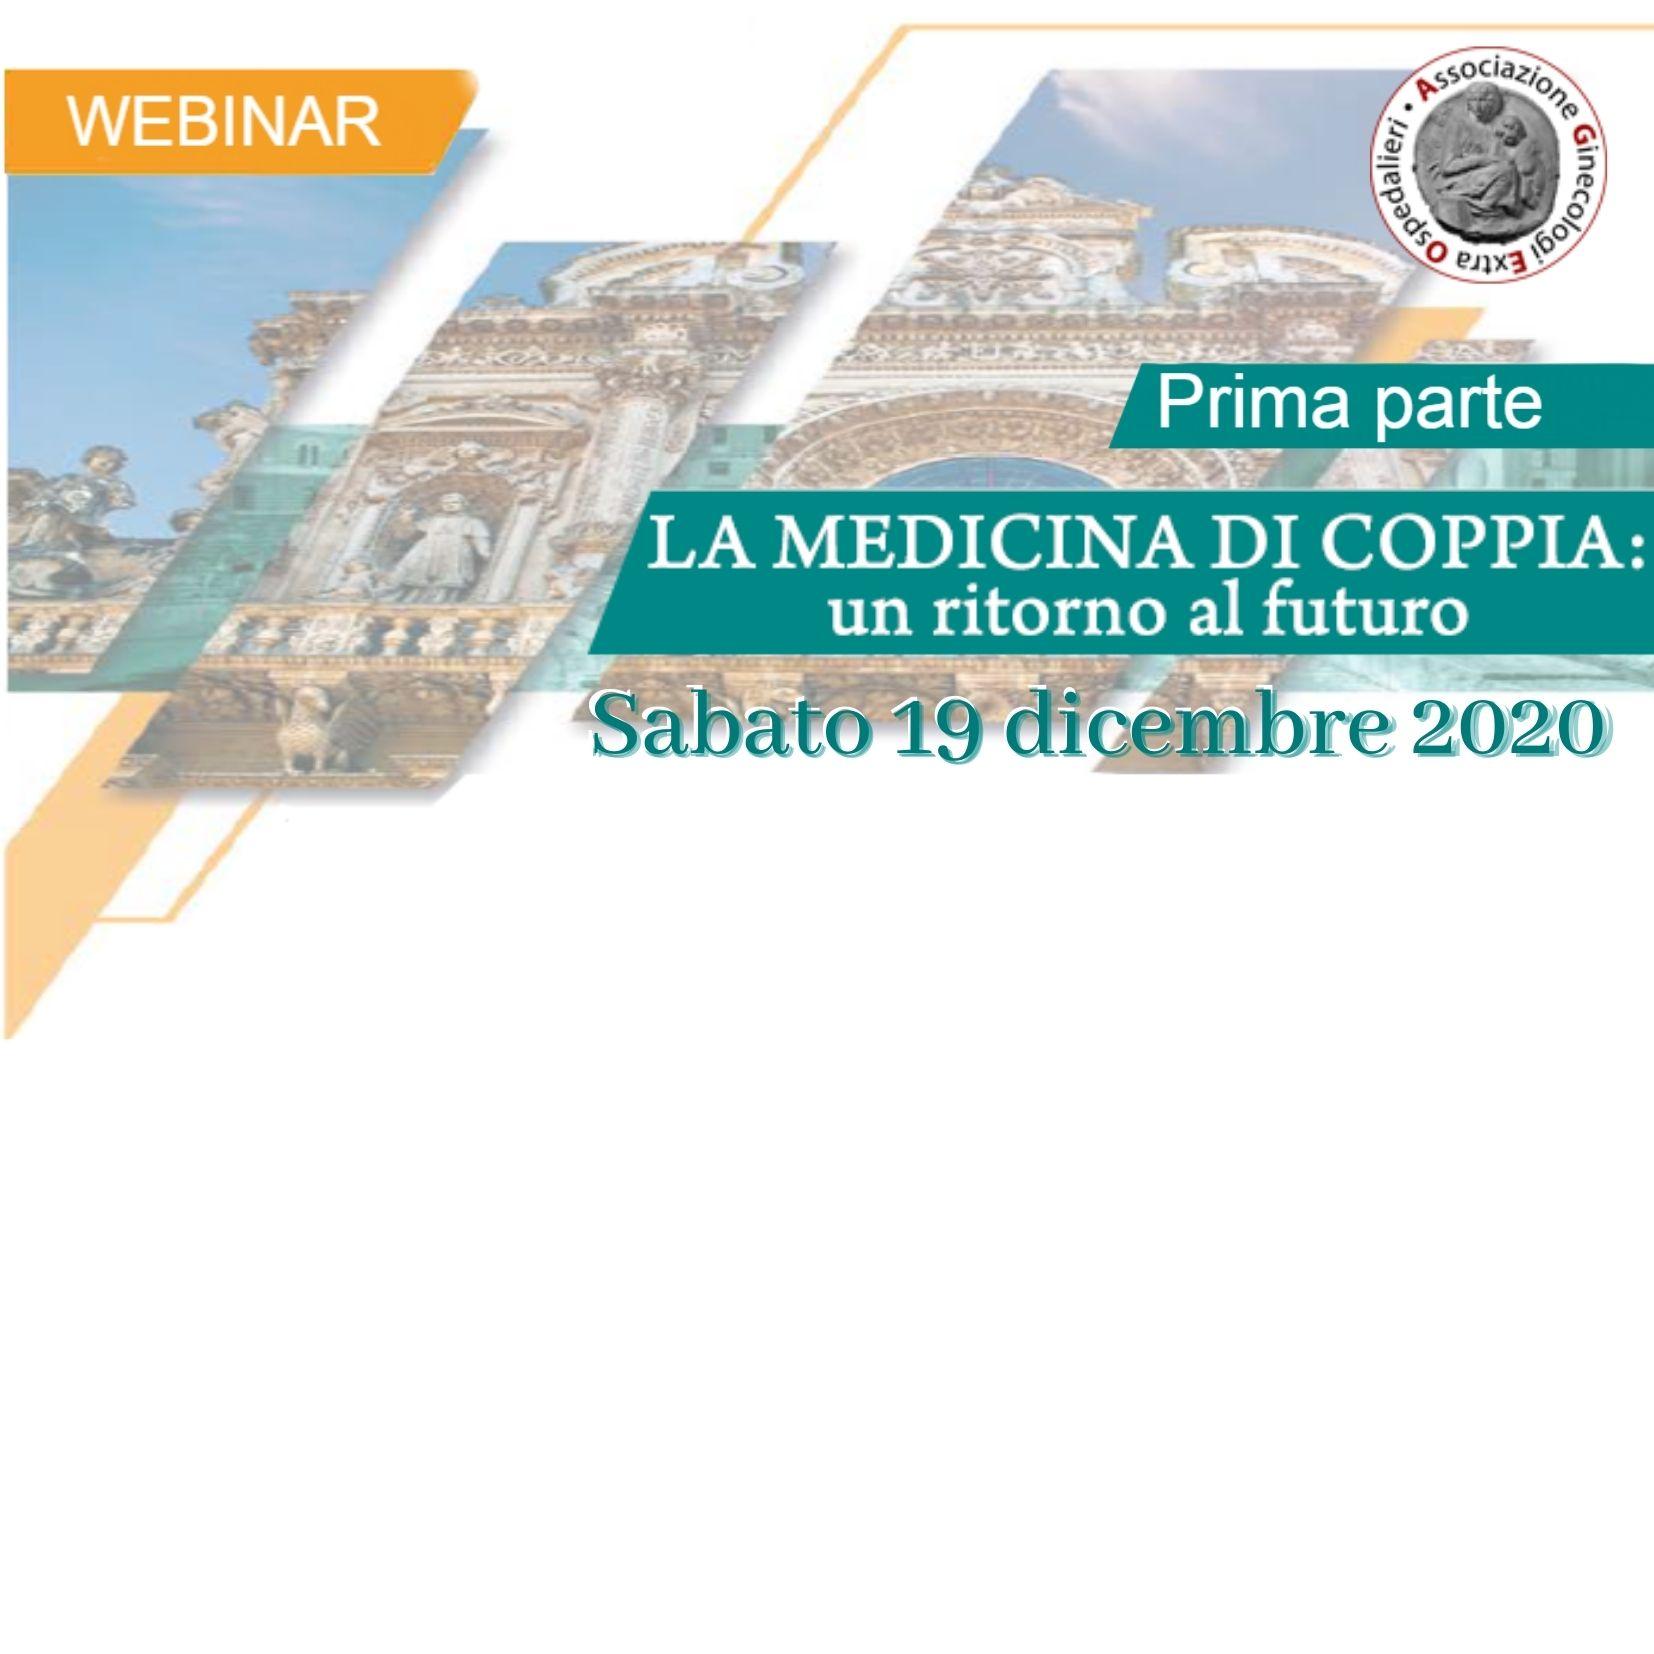 La medicina di coppia: un ritorno al futuro